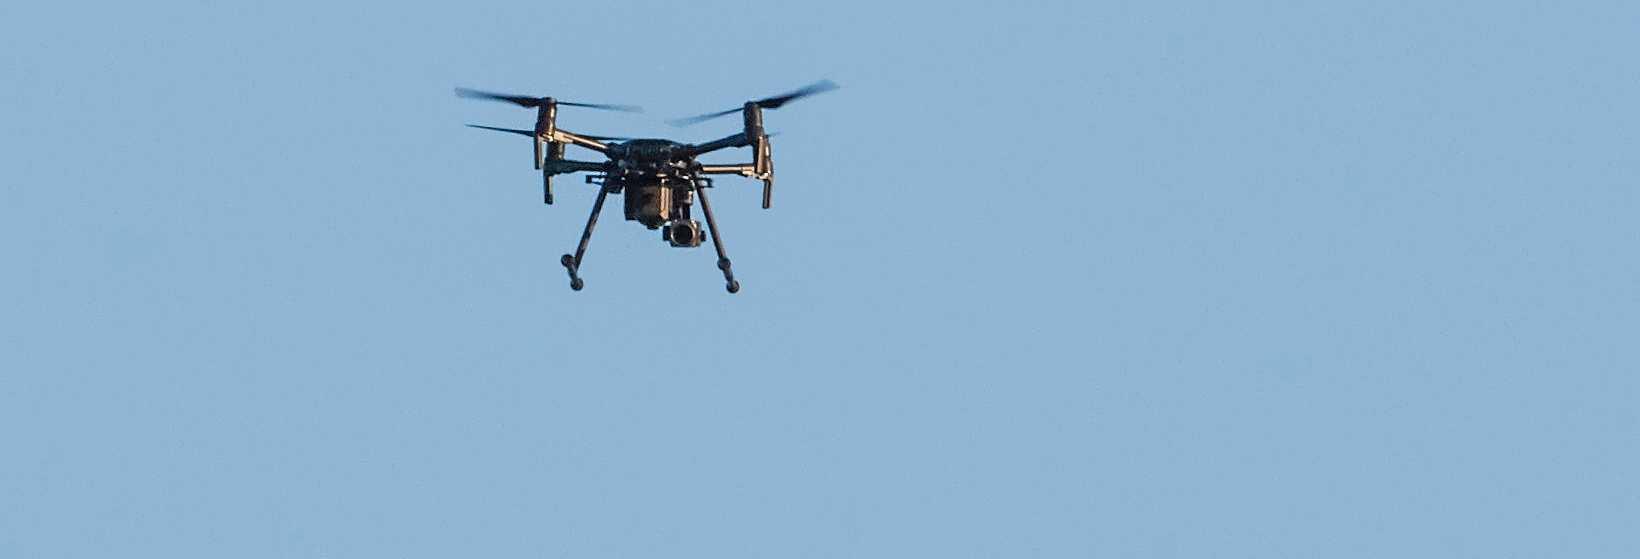 Om man hör något i luften som surrar kan det vara polisens flygande övervakningskamera. Inom ramen för Operation Rimfrost har polisledningen beslutat att området för bevakningen omedelbart utökas.